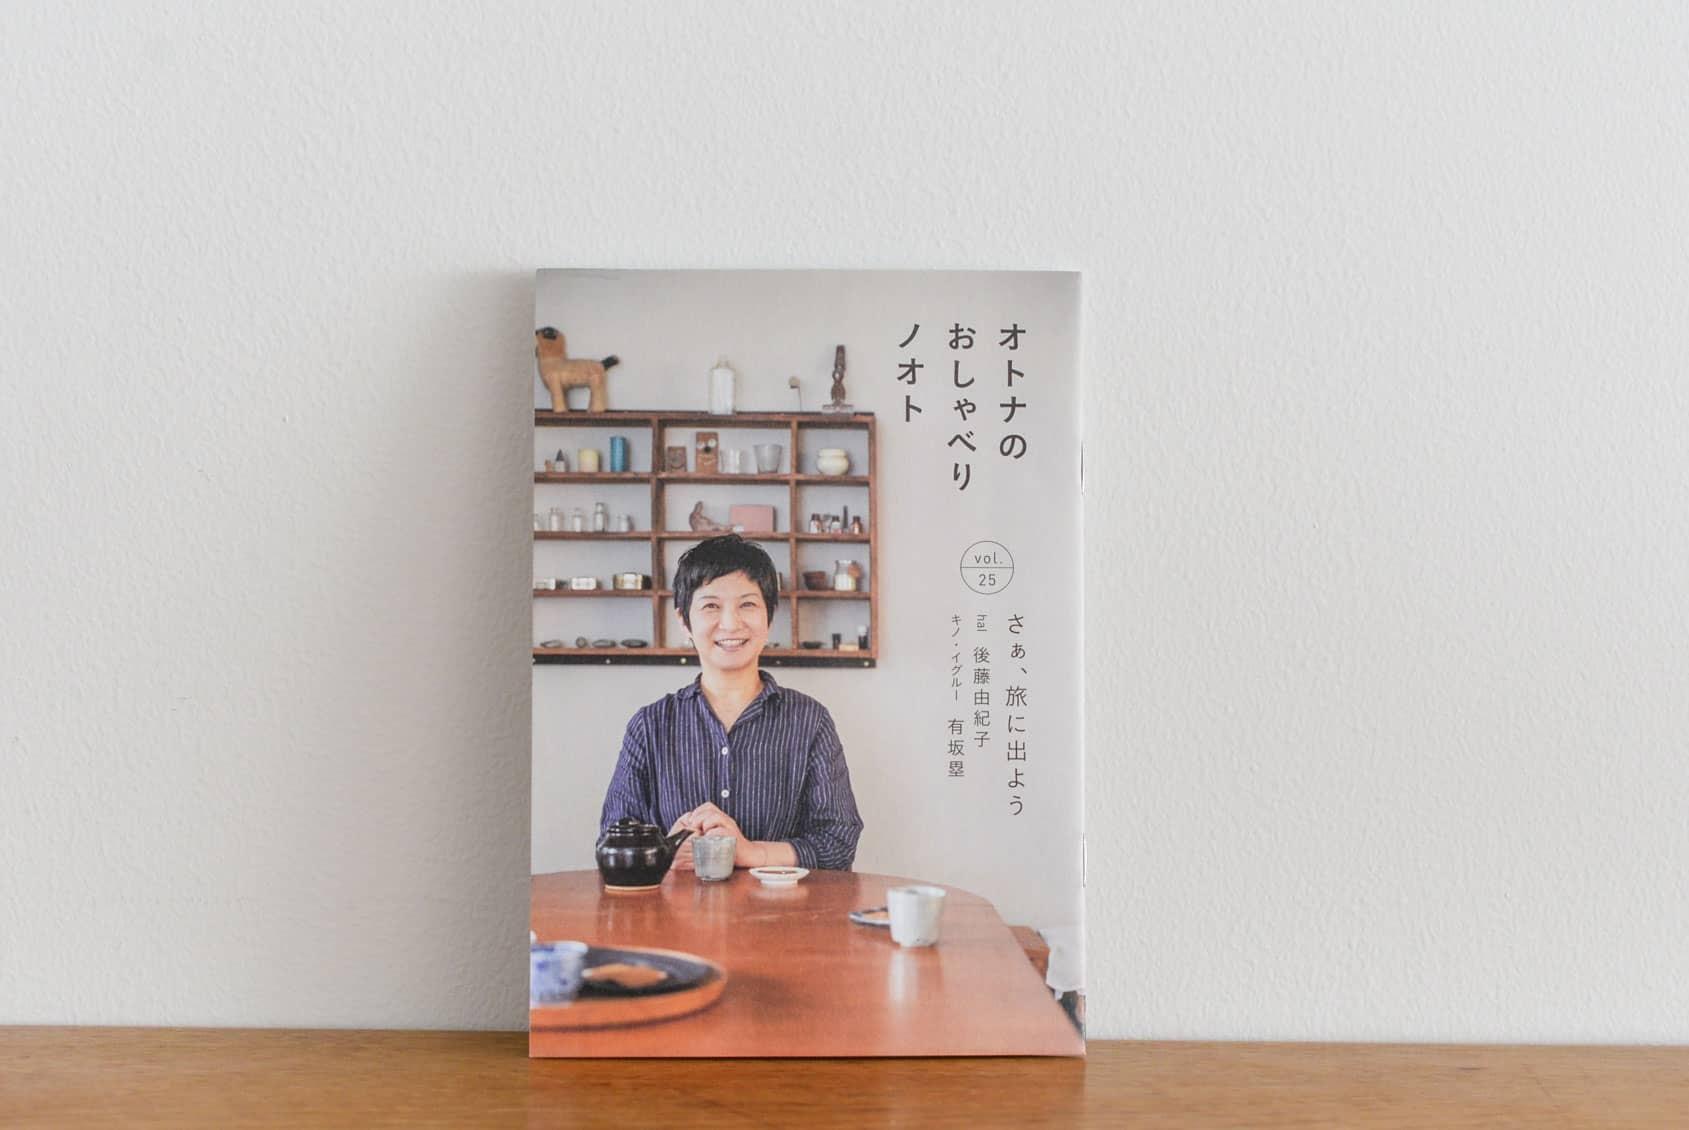 オトナのおしゃべりノオト vol.25「さぁ、旅に出よう」の商品写真